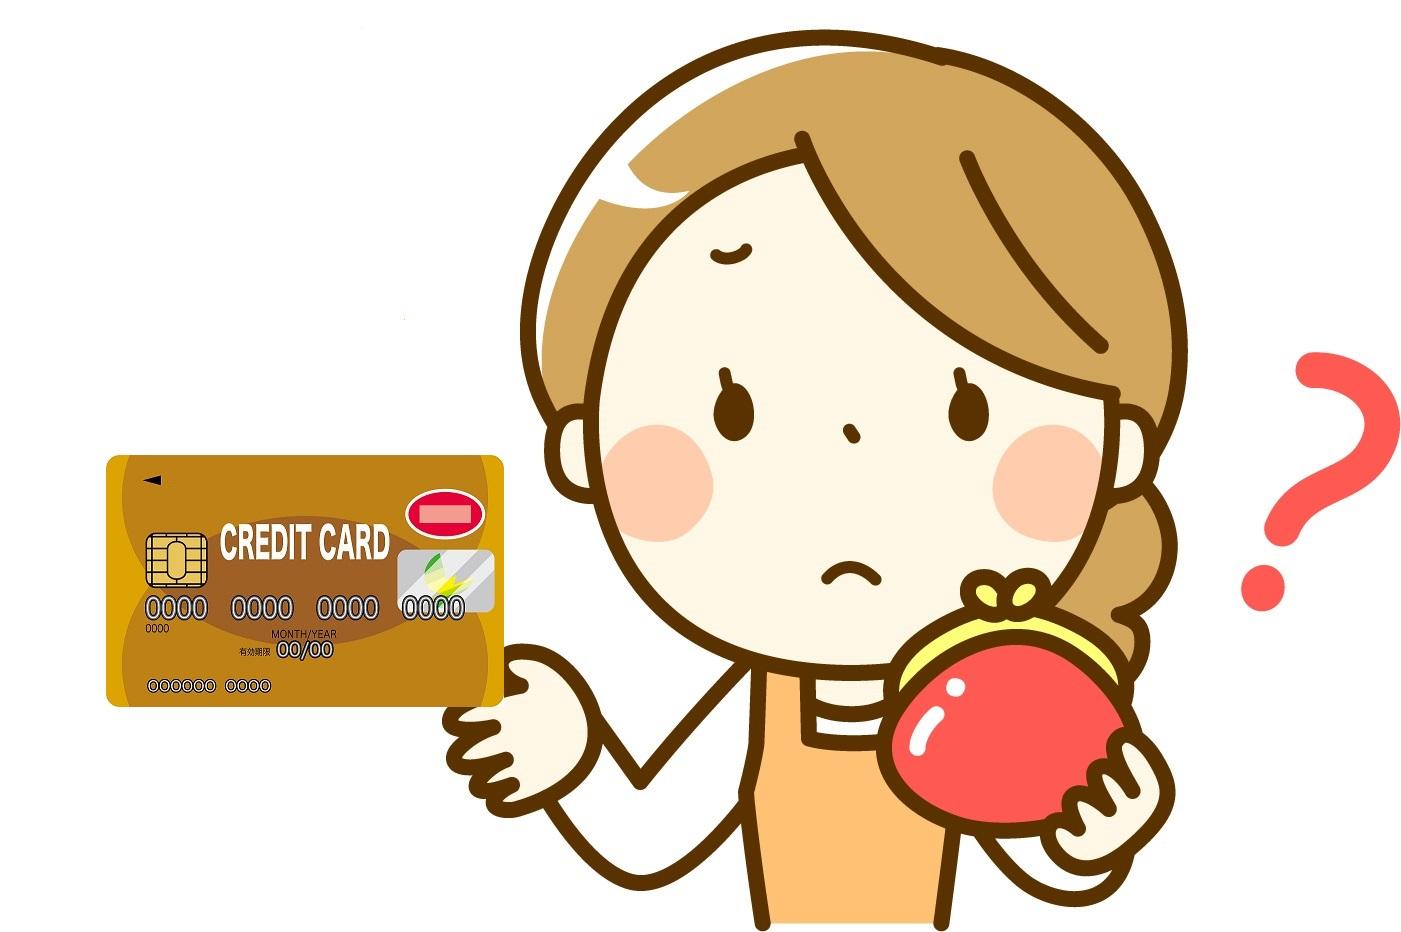 クレジットカードの現金化の方法は?